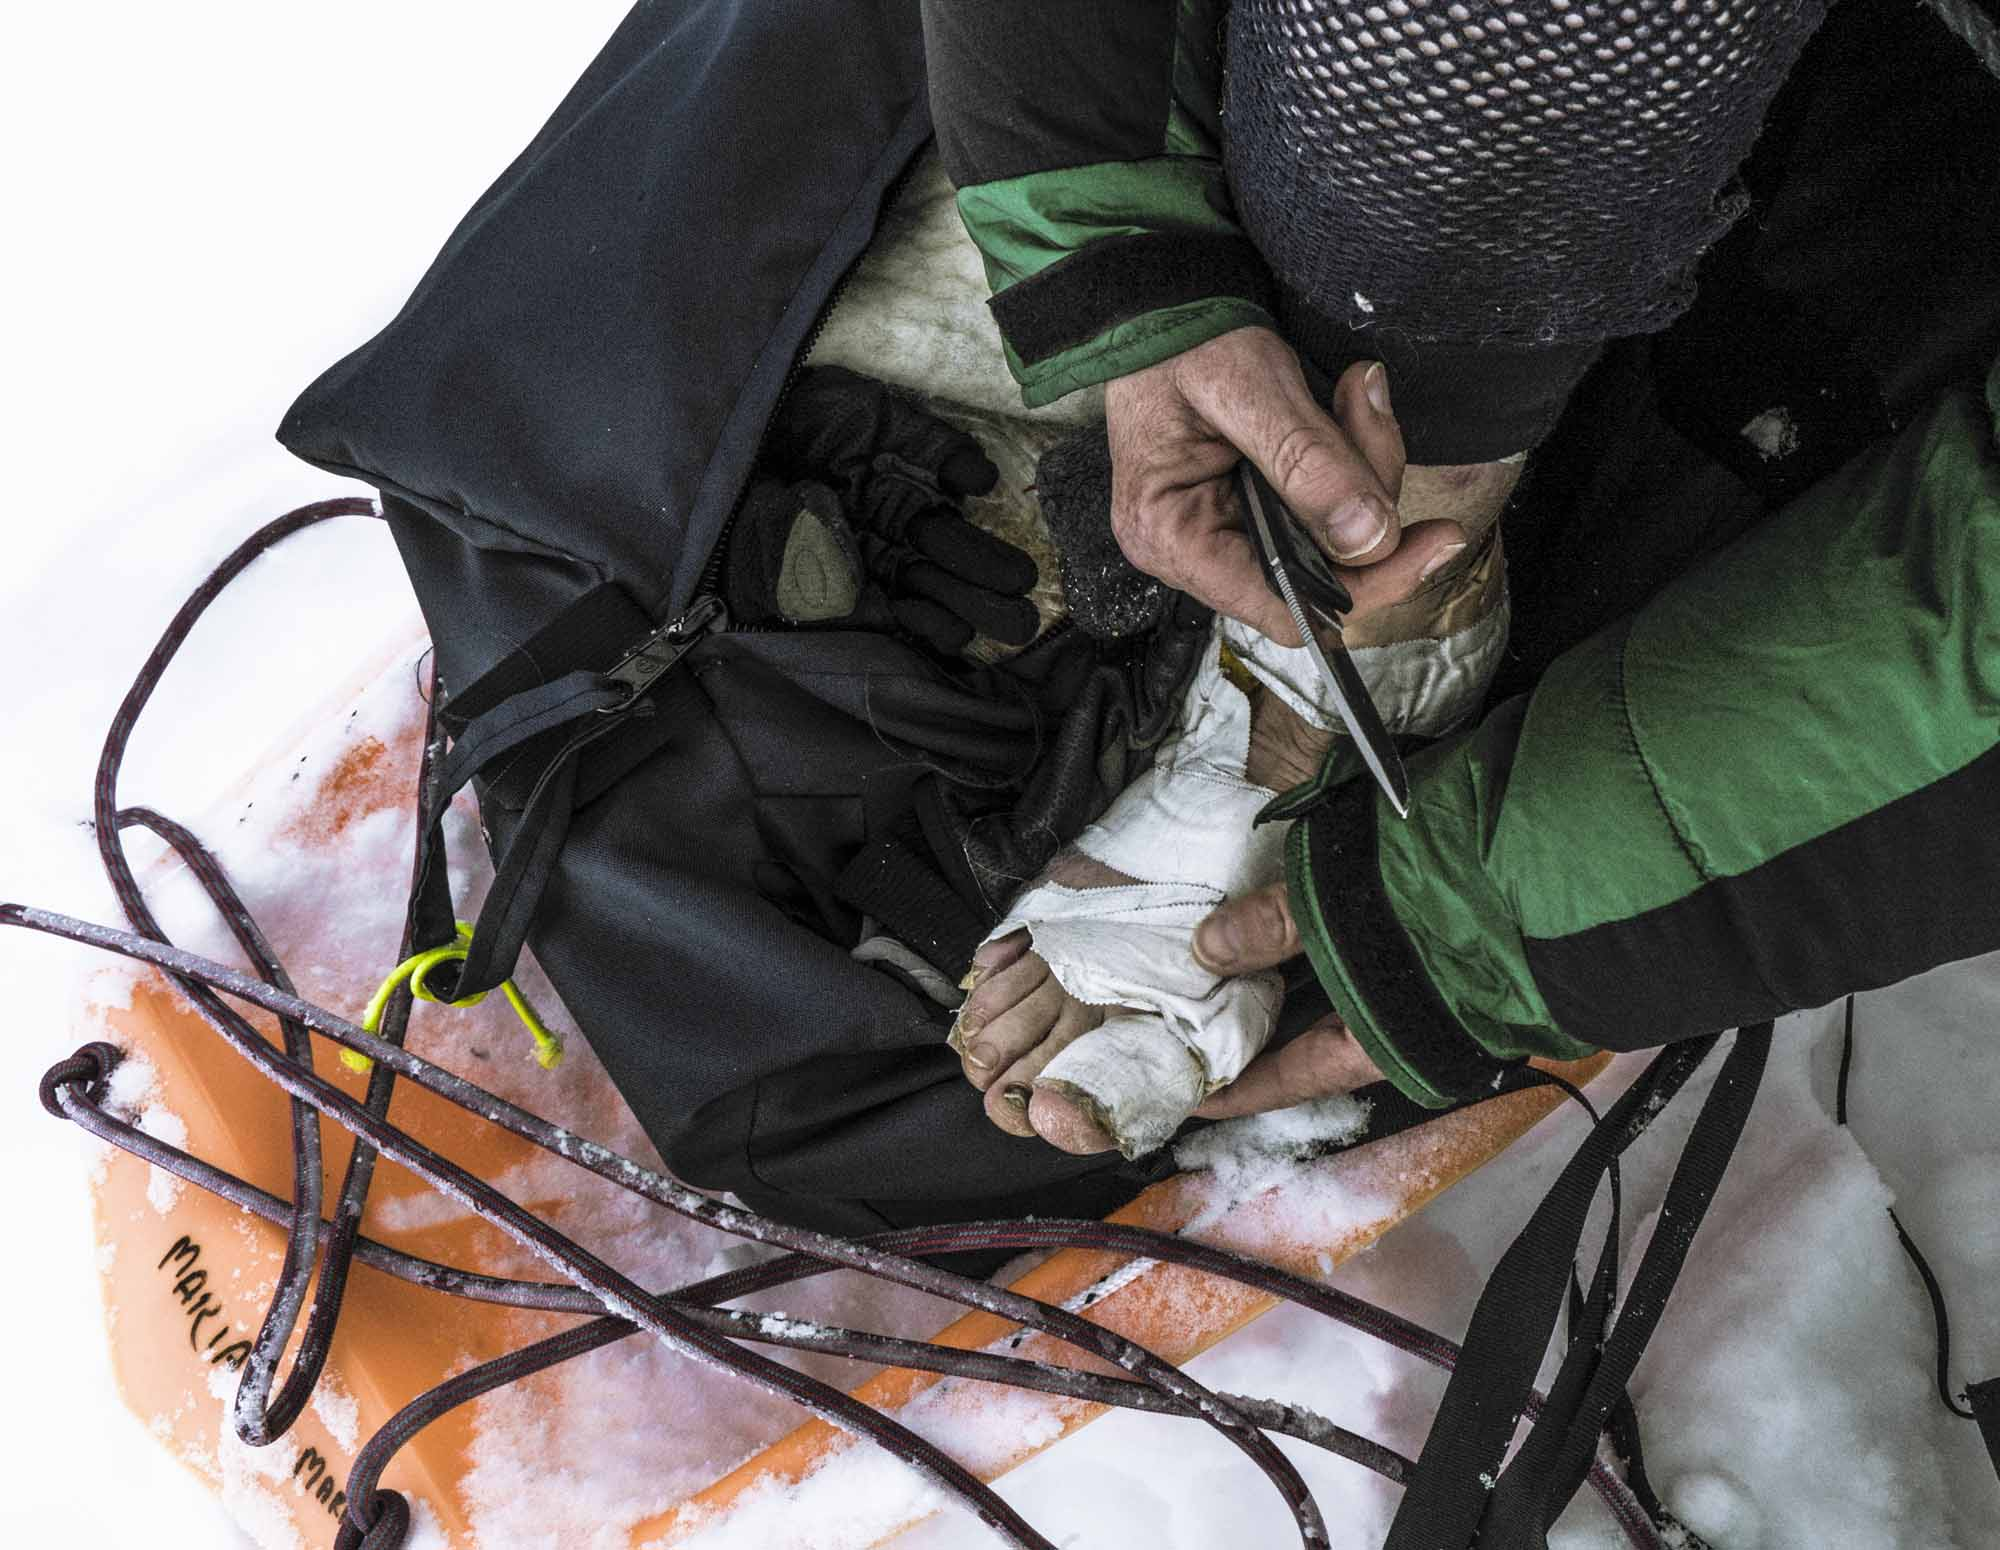 Polar-Quest-Exploration-Polaire-Exploring-Boundaries-in-Antarctica-Caroline-Cote-photo-frostbite